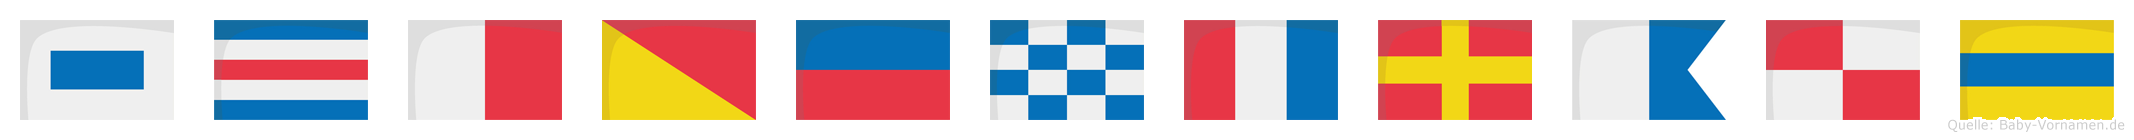 Schöntraud im Flaggenalphabet